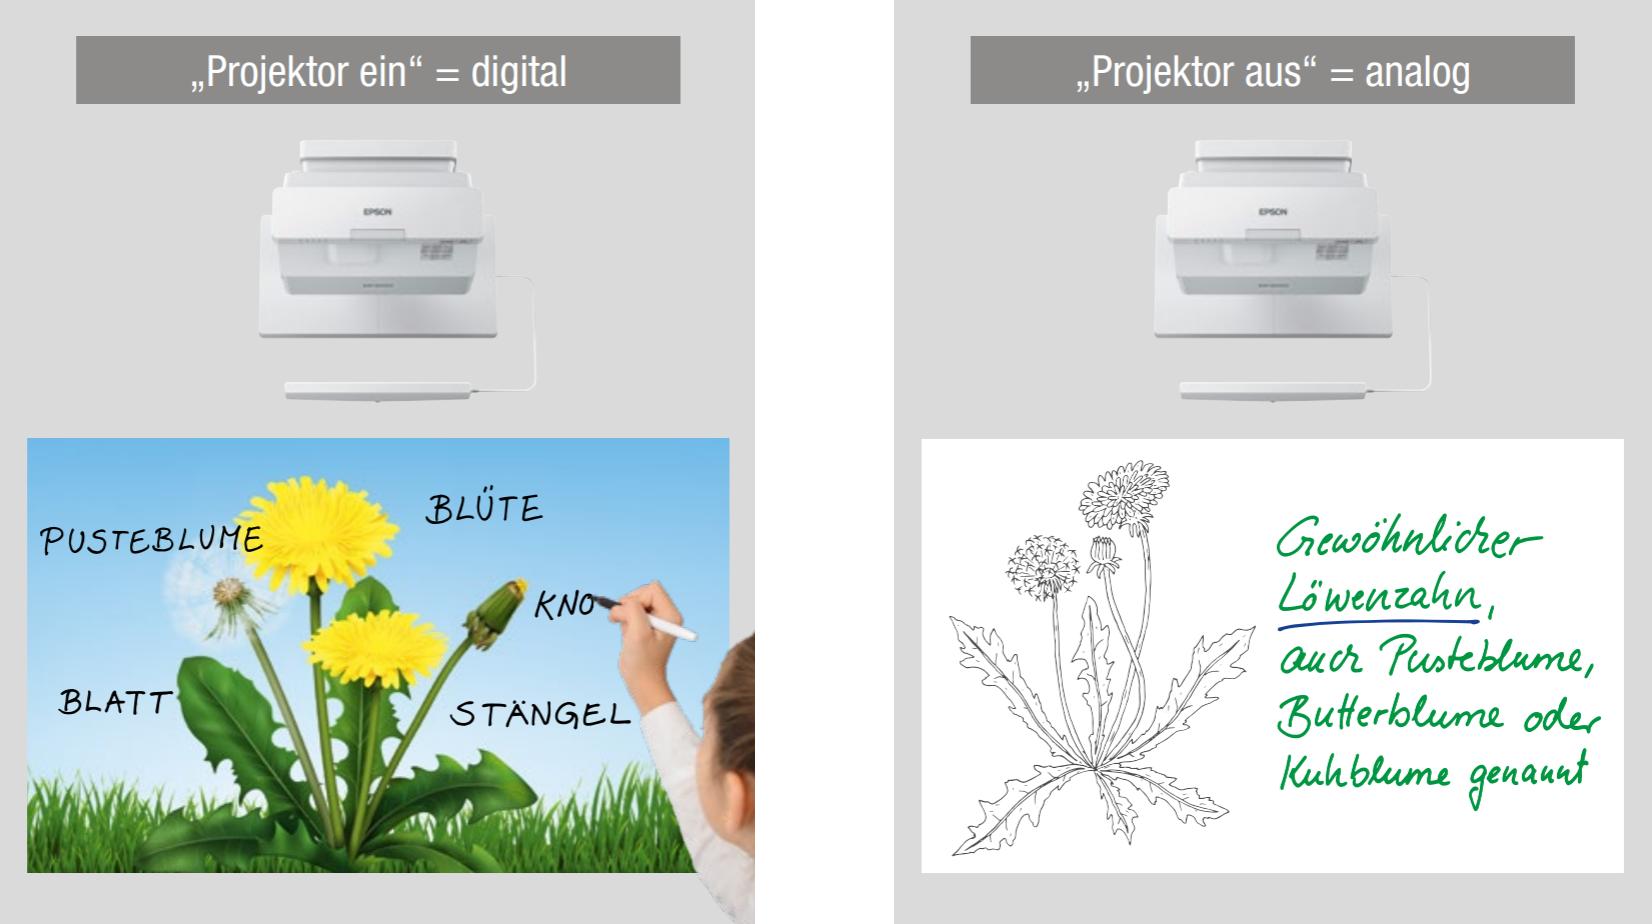 Analog und digital